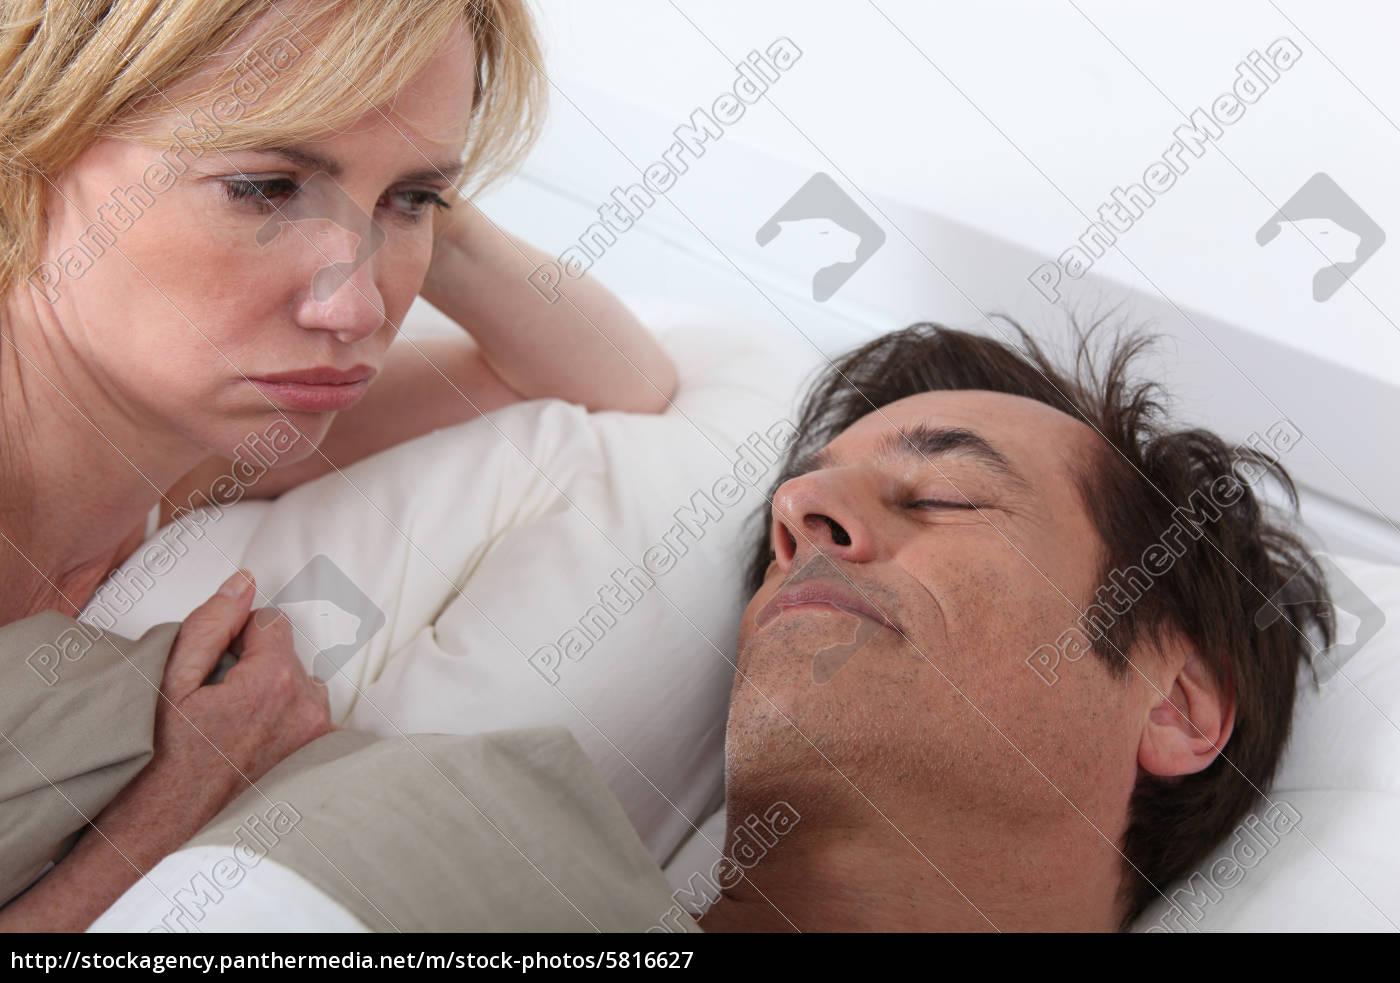 Спящая и ей толкают, Порно видео со спящими - смотреть онлайн бесплатно 17 фотография